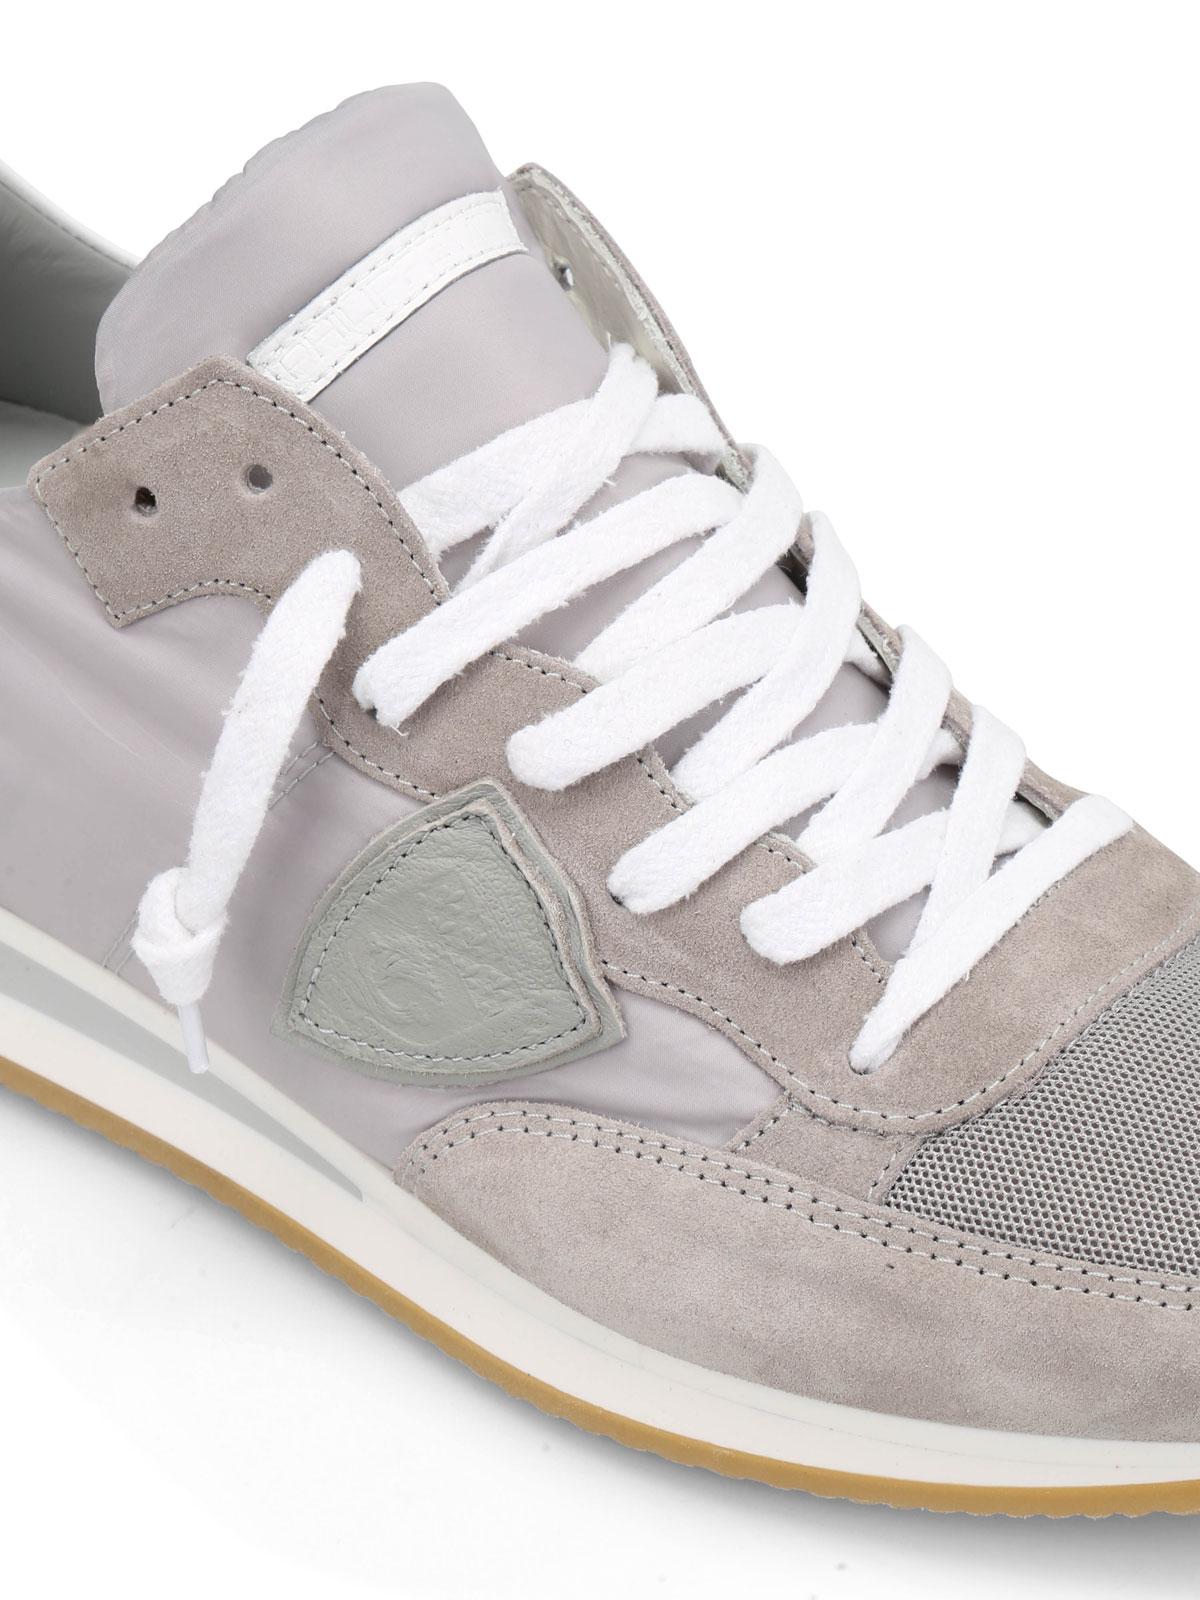 baskets tropez world pour homme de philippe model chaussures de sport ikrix ikrix. Black Bedroom Furniture Sets. Home Design Ideas